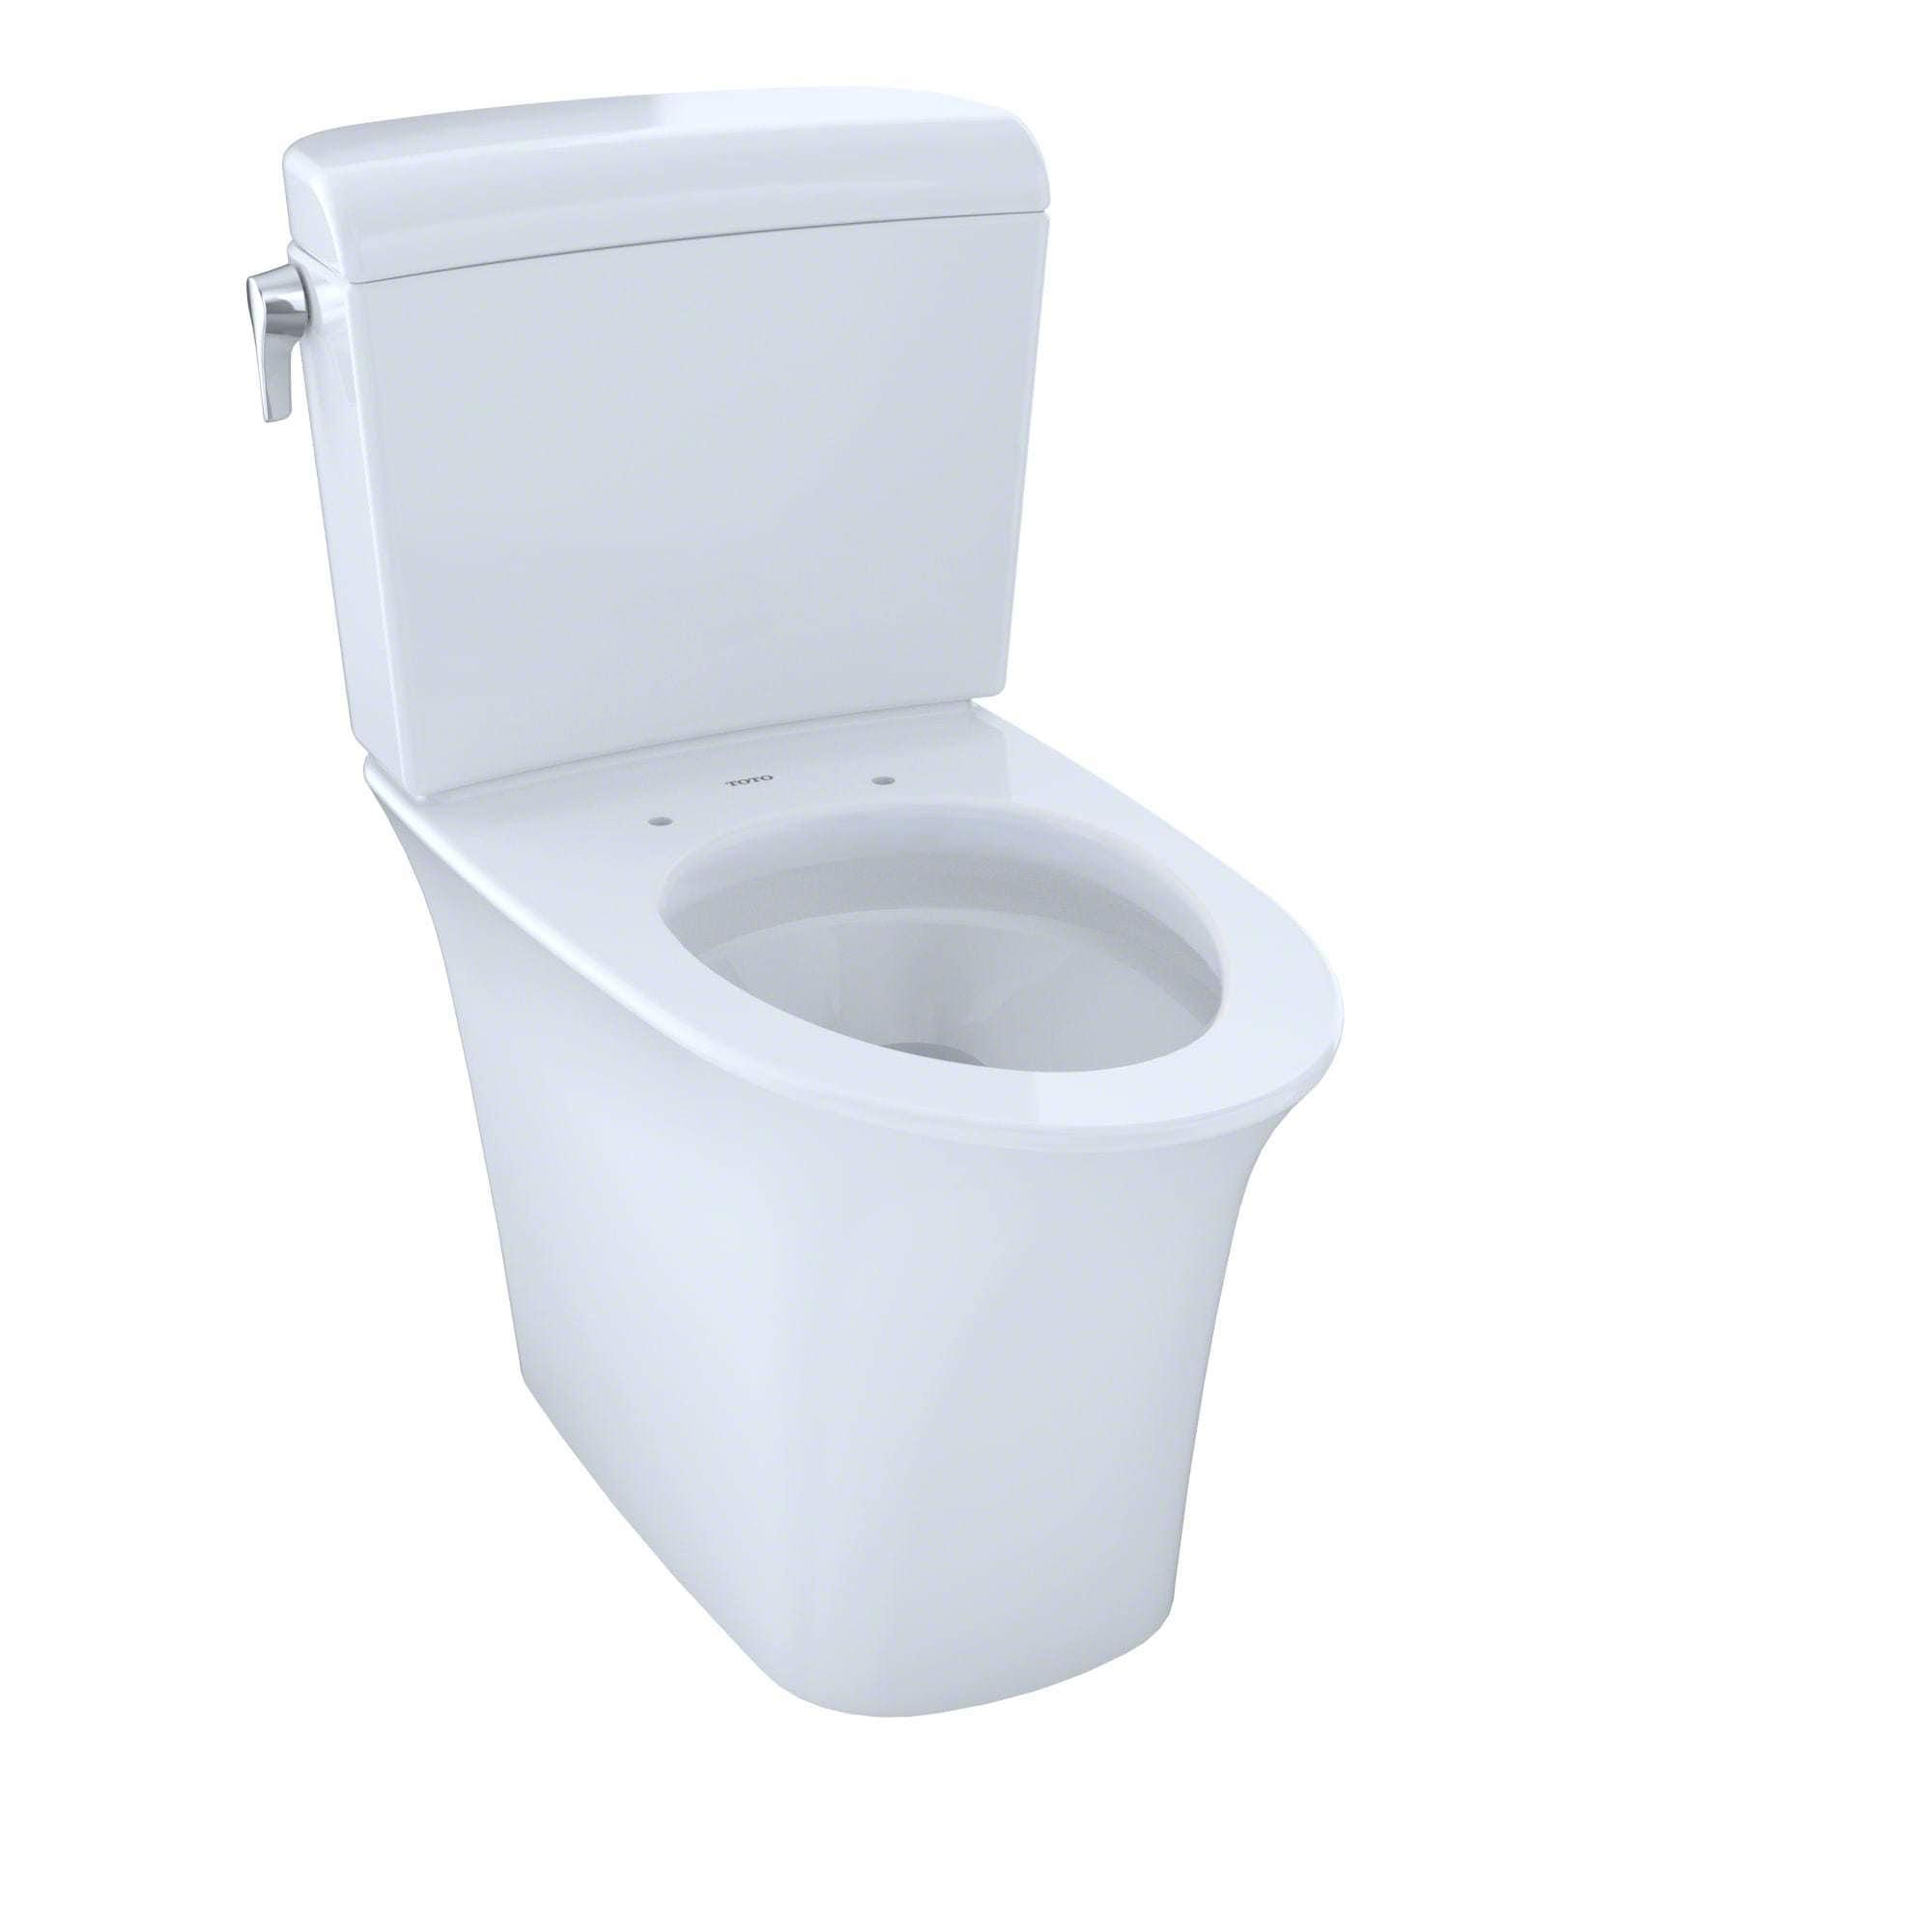 Toto Maris Toto Dual Flush Cotton White China Toilet - Free Shipping ...